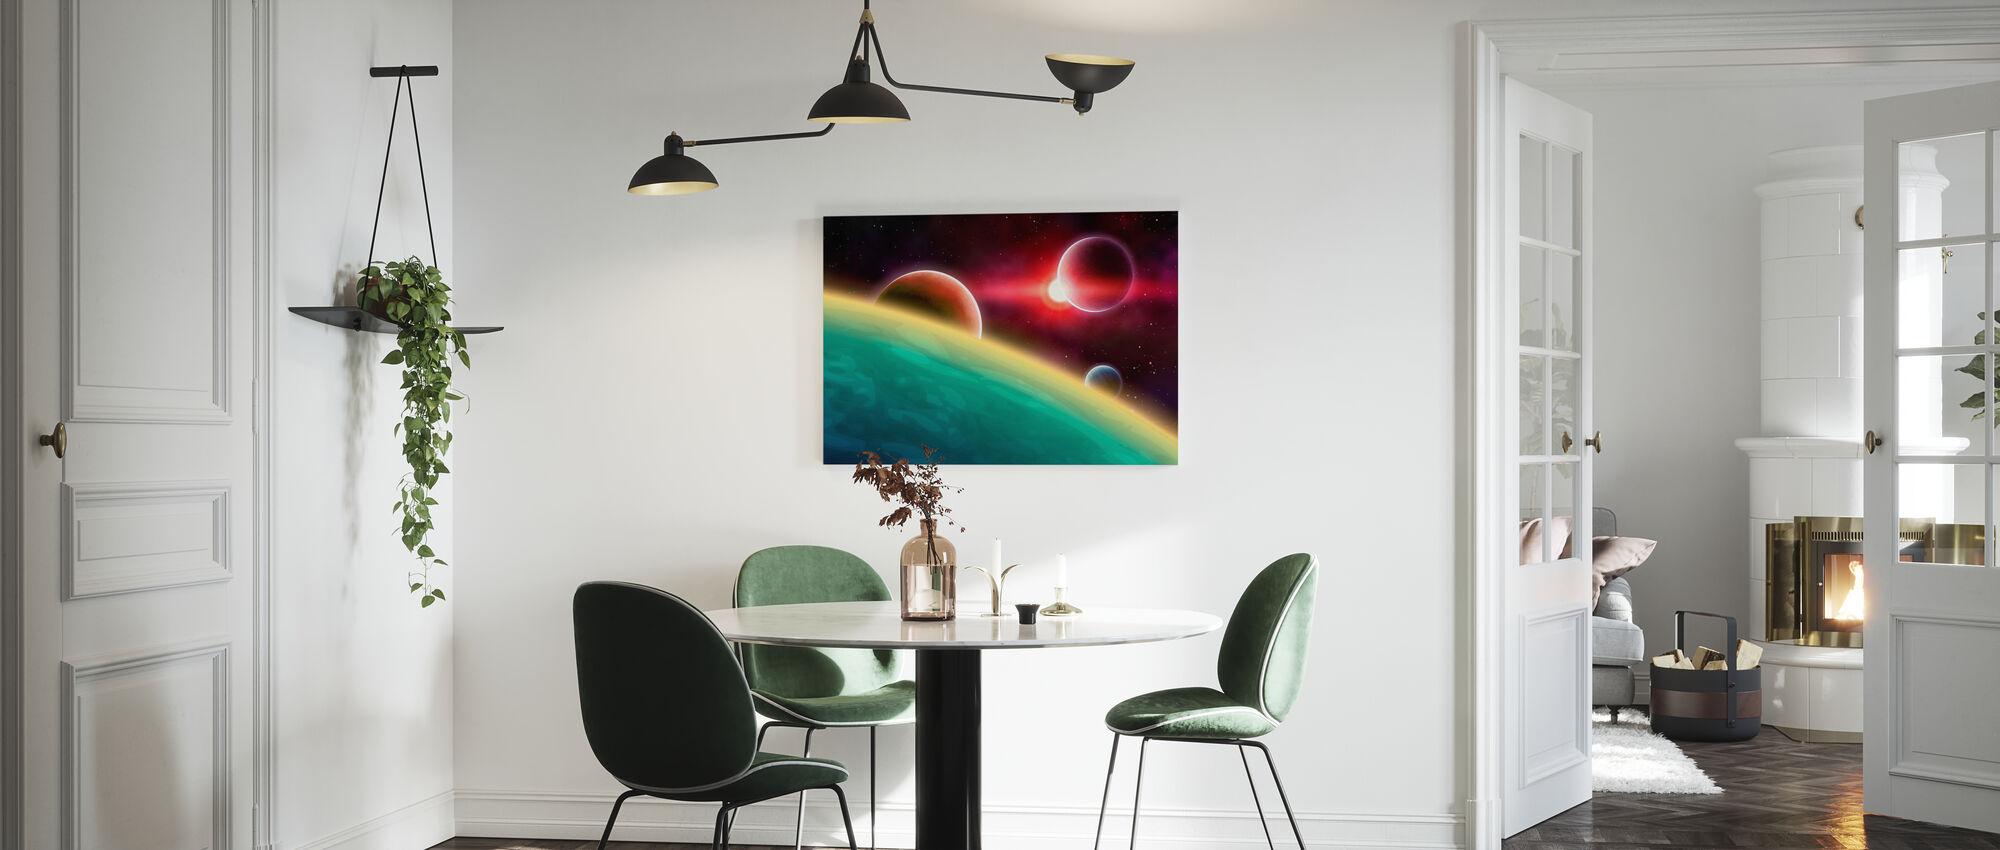 Ytre rom - Lerretsbilde - Kjøkken